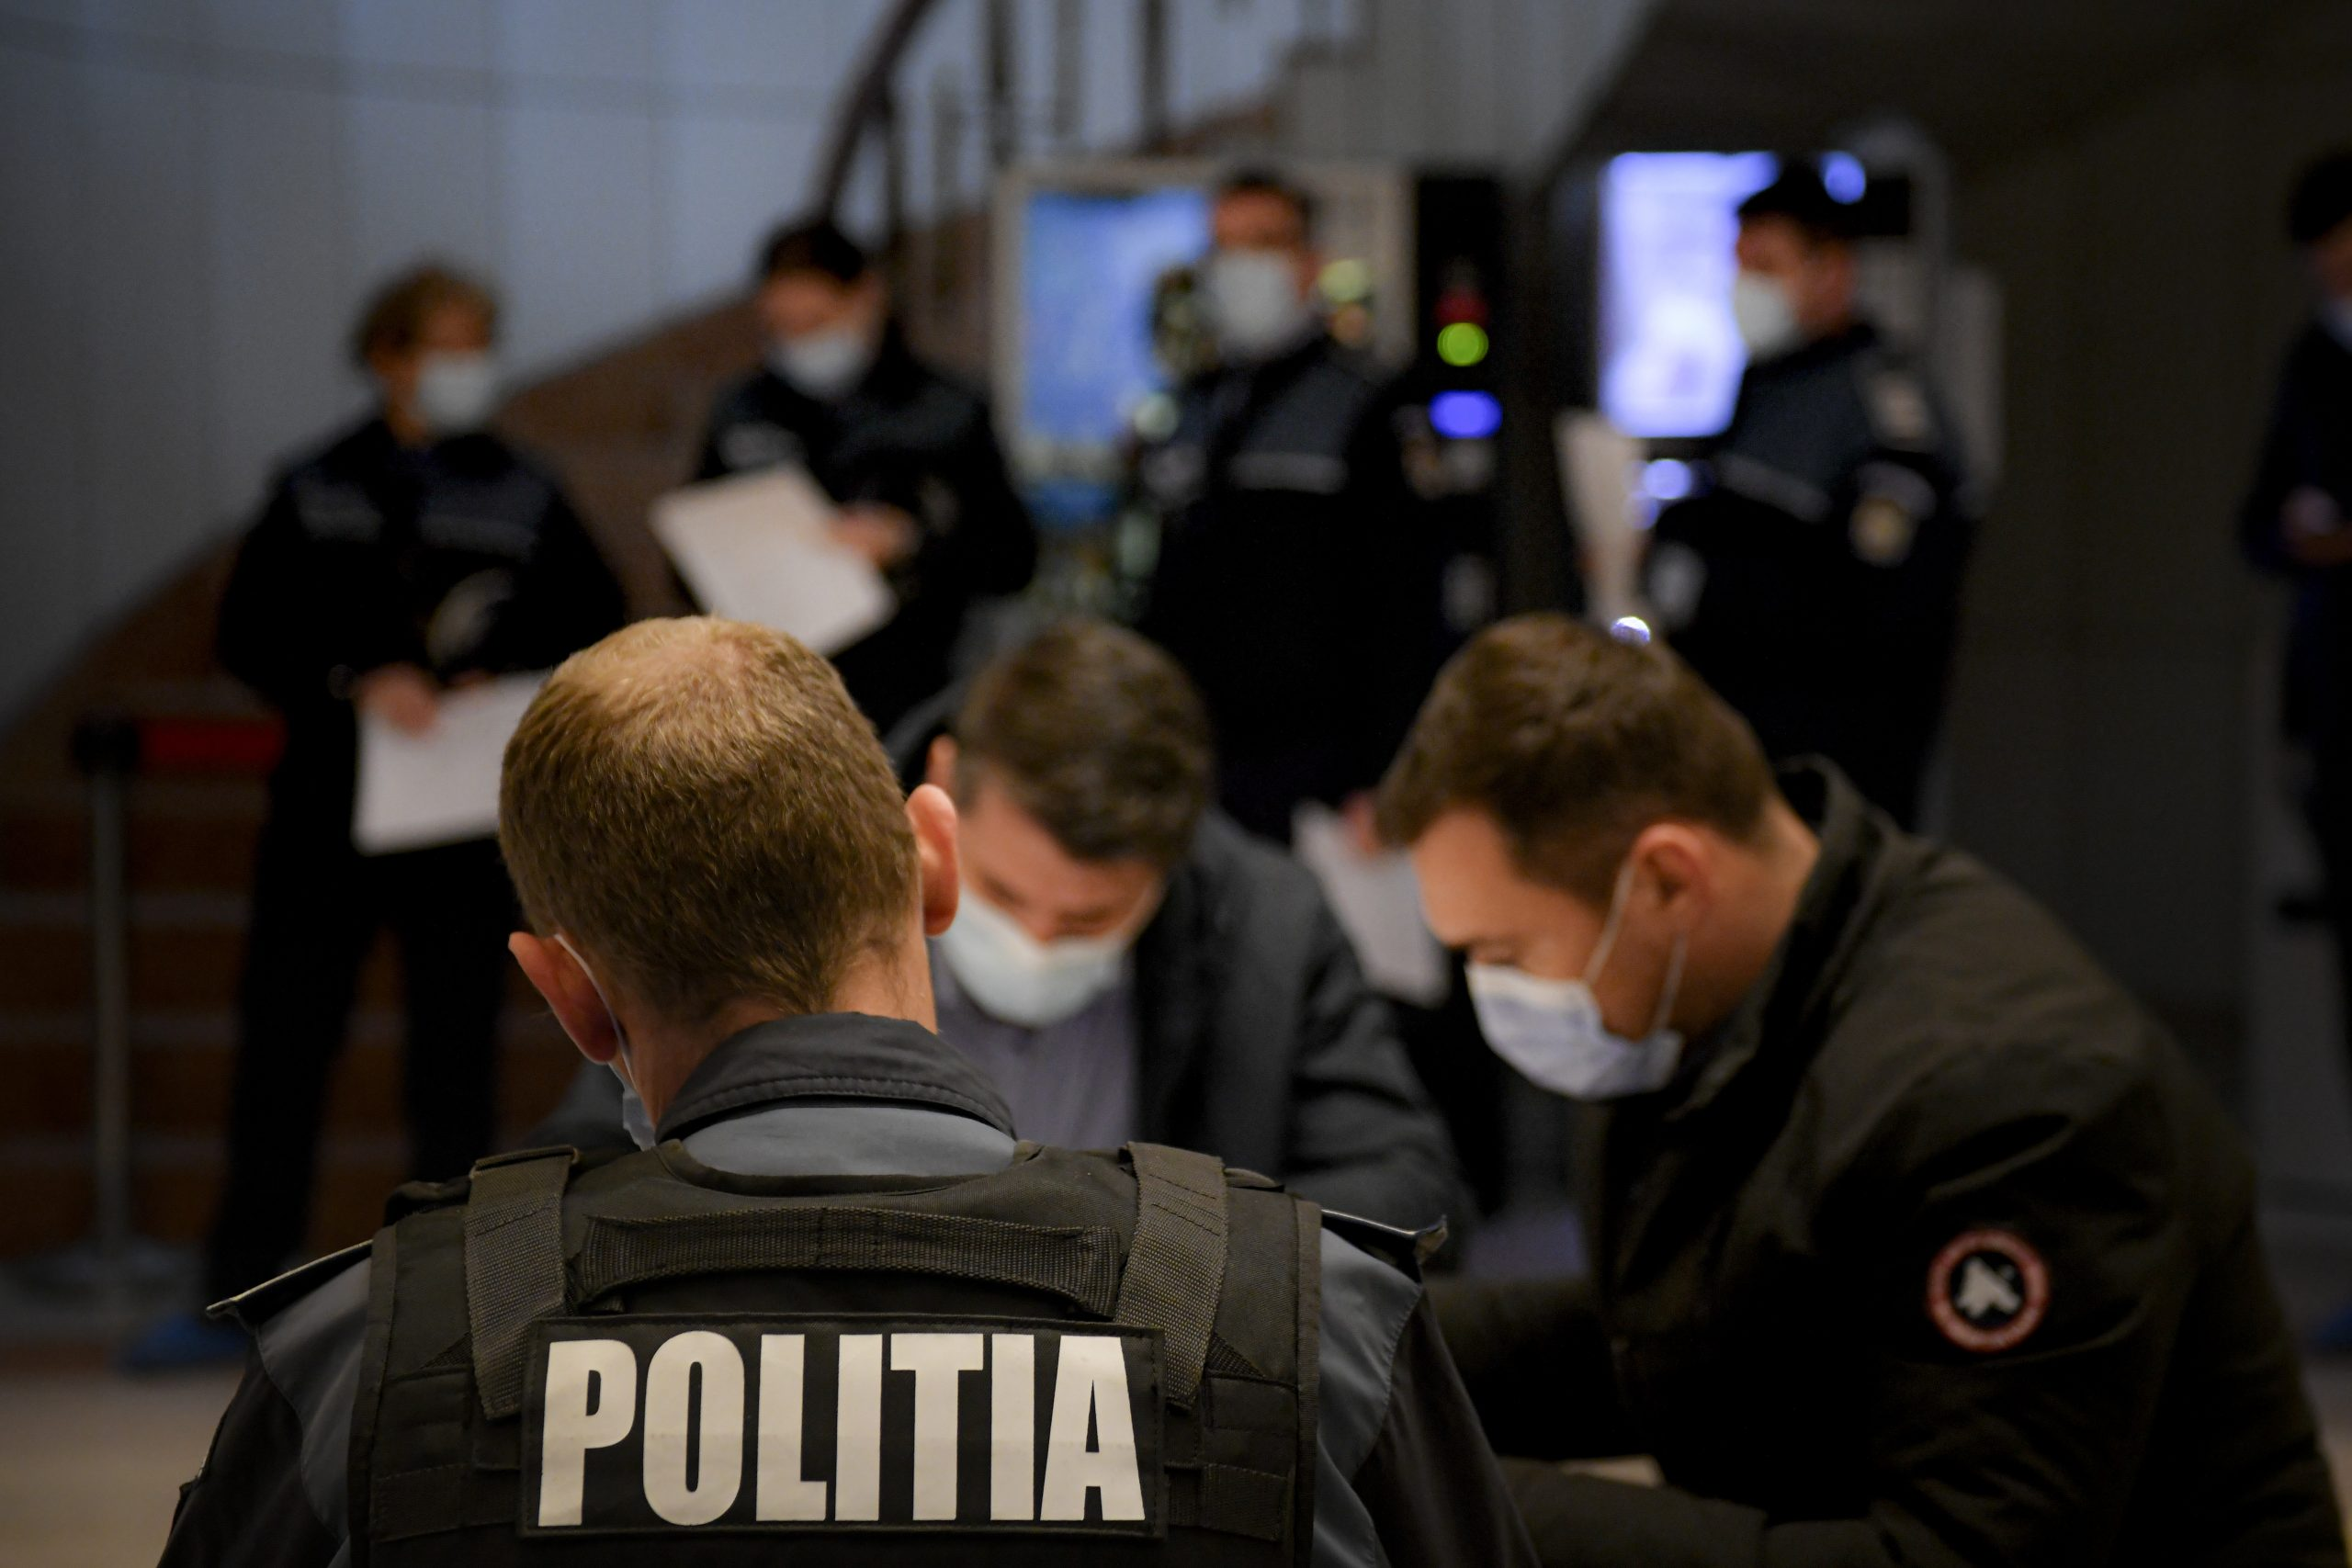 Polițiștii bătăuși. Cum au torturat două persoane care le-au reproșat că nu poartă mască / Unul dintre agresori ar fi lider într-un mare sindicat din Poliție! - Gândul